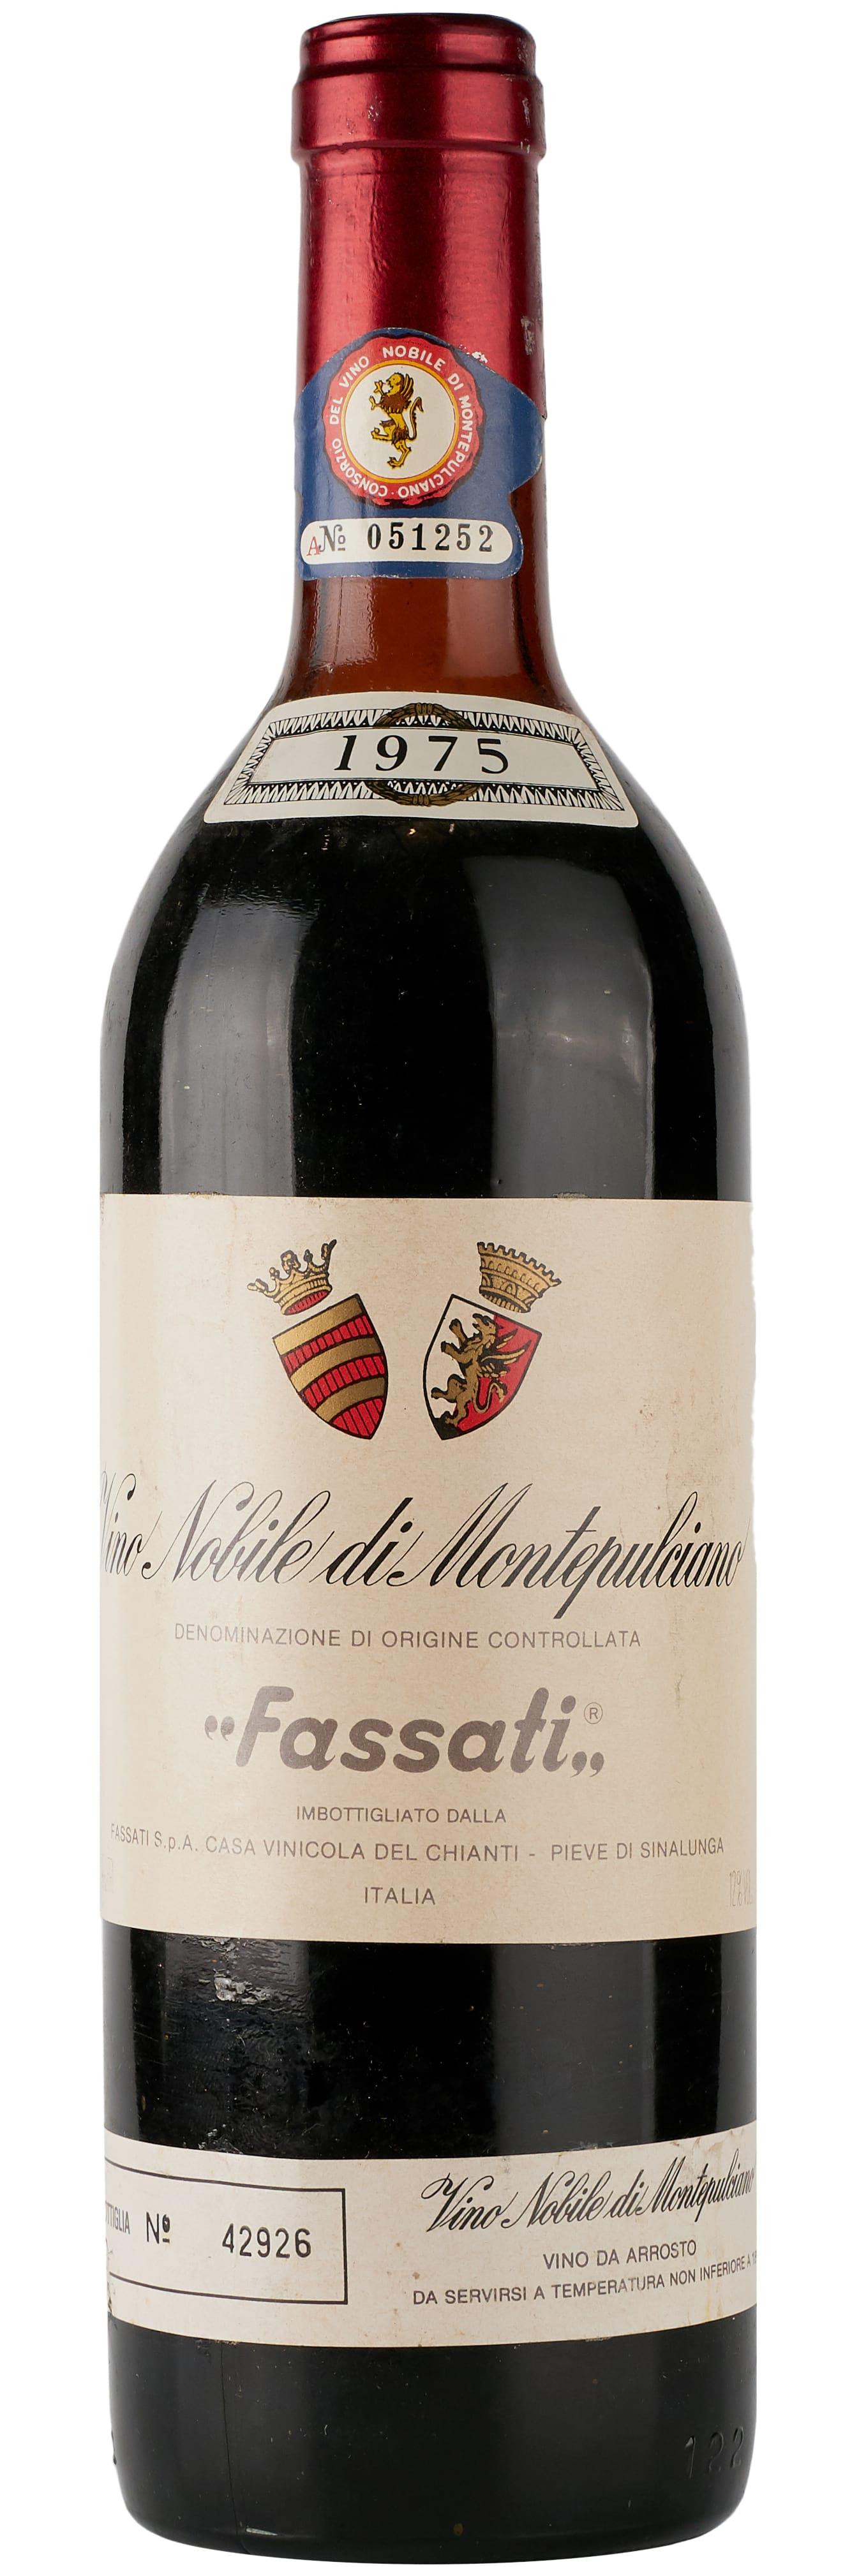 1975 Fassati Vino Nobile di Montepulciano фото